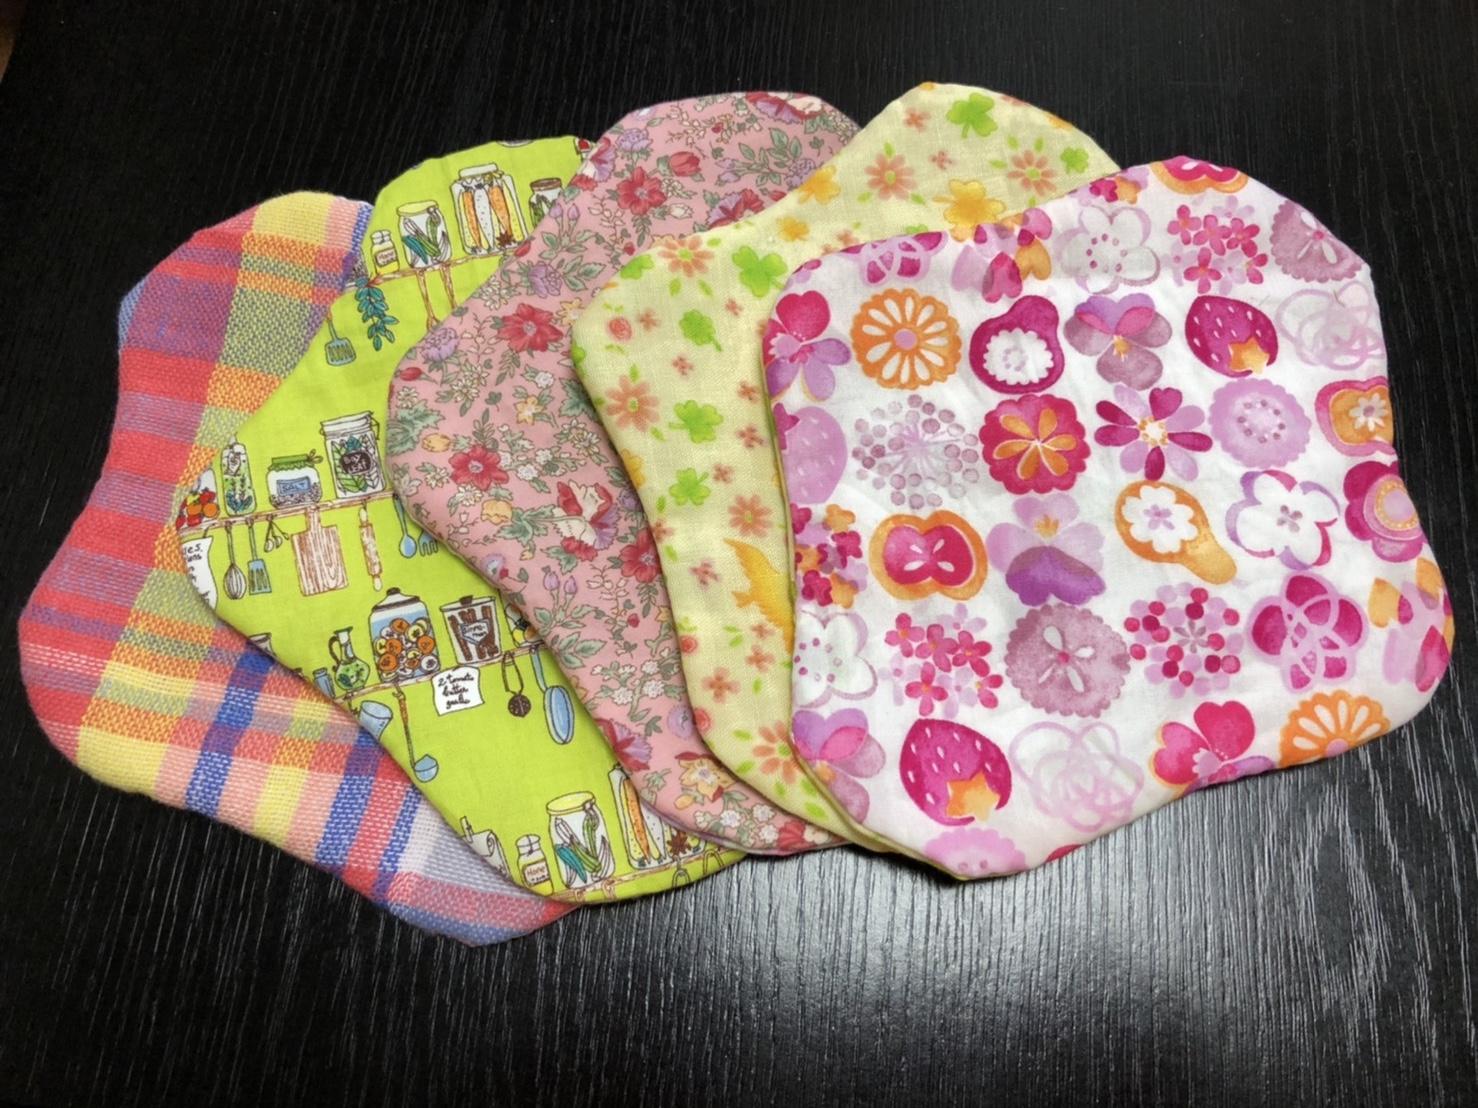 私の必需品。友人お手製「手縫いのライナー」を商品化